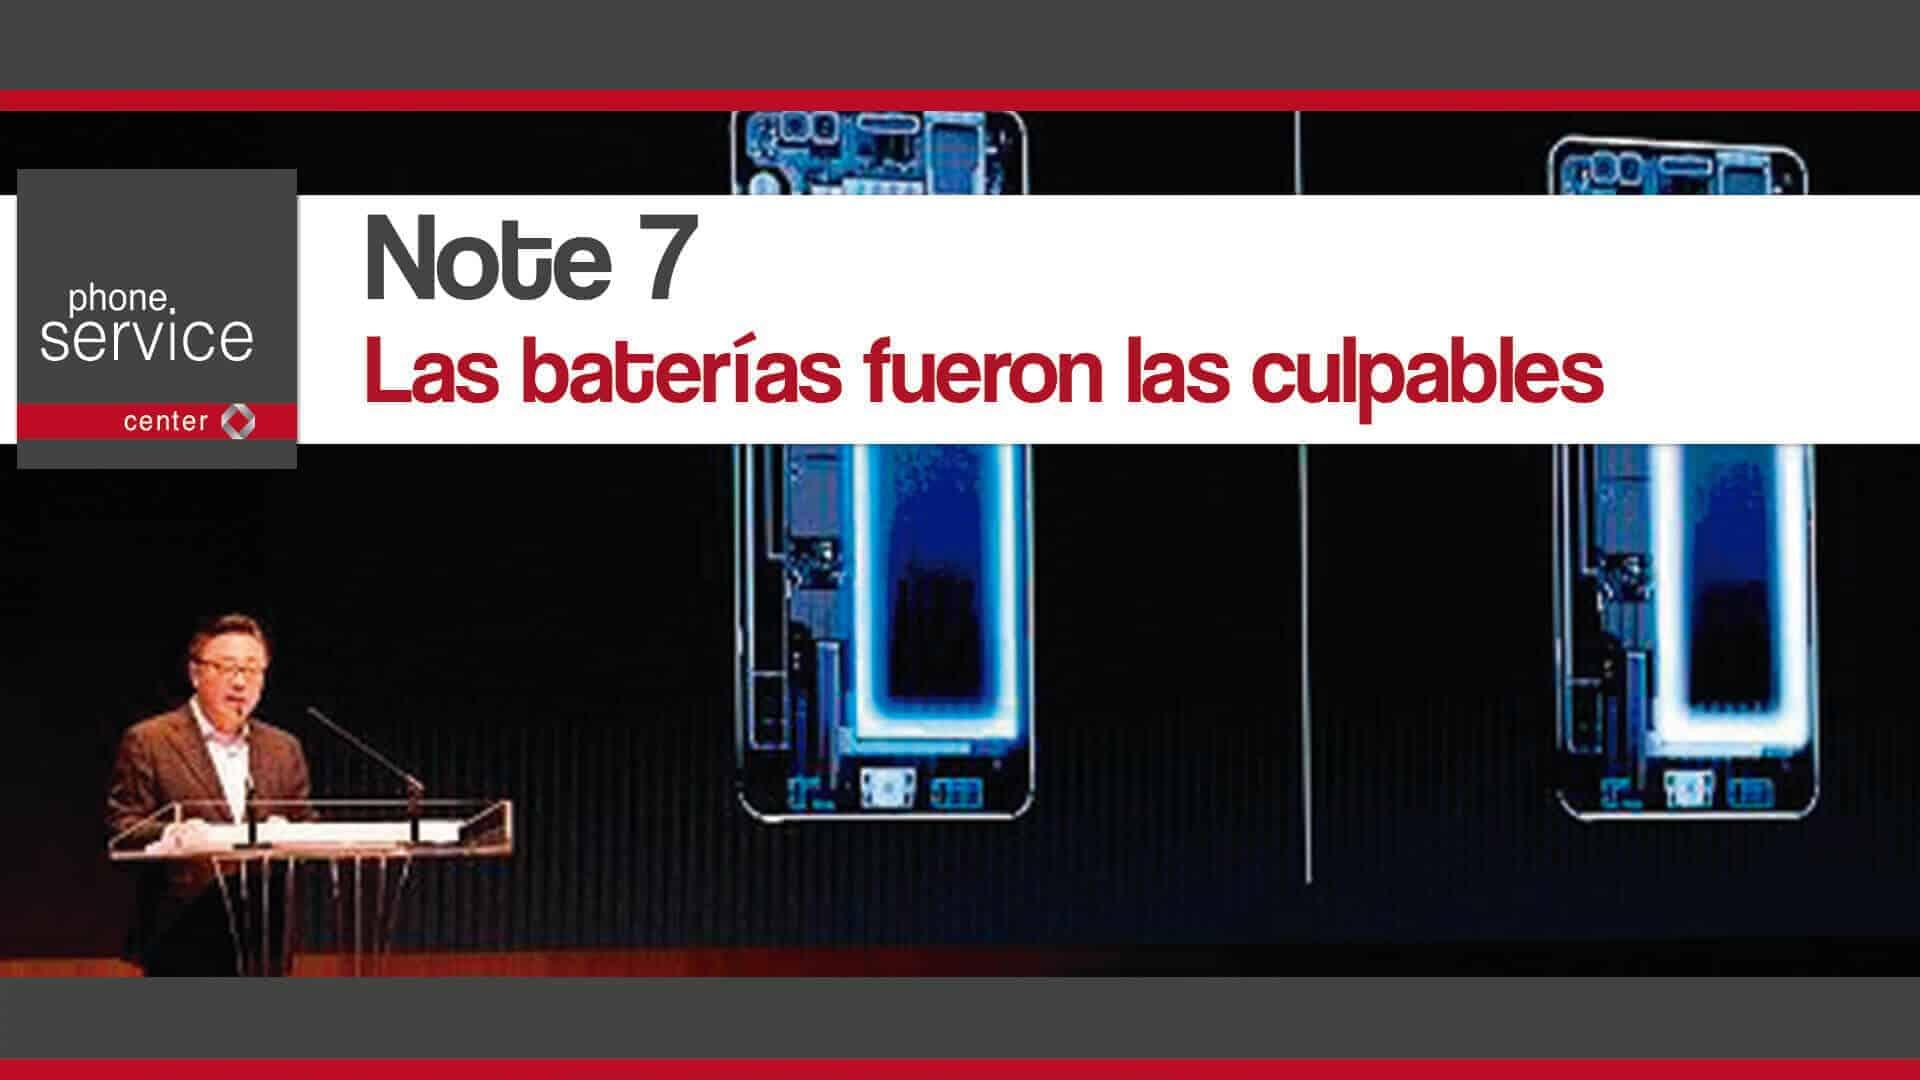 Note 7 las baterias fueron las culpables